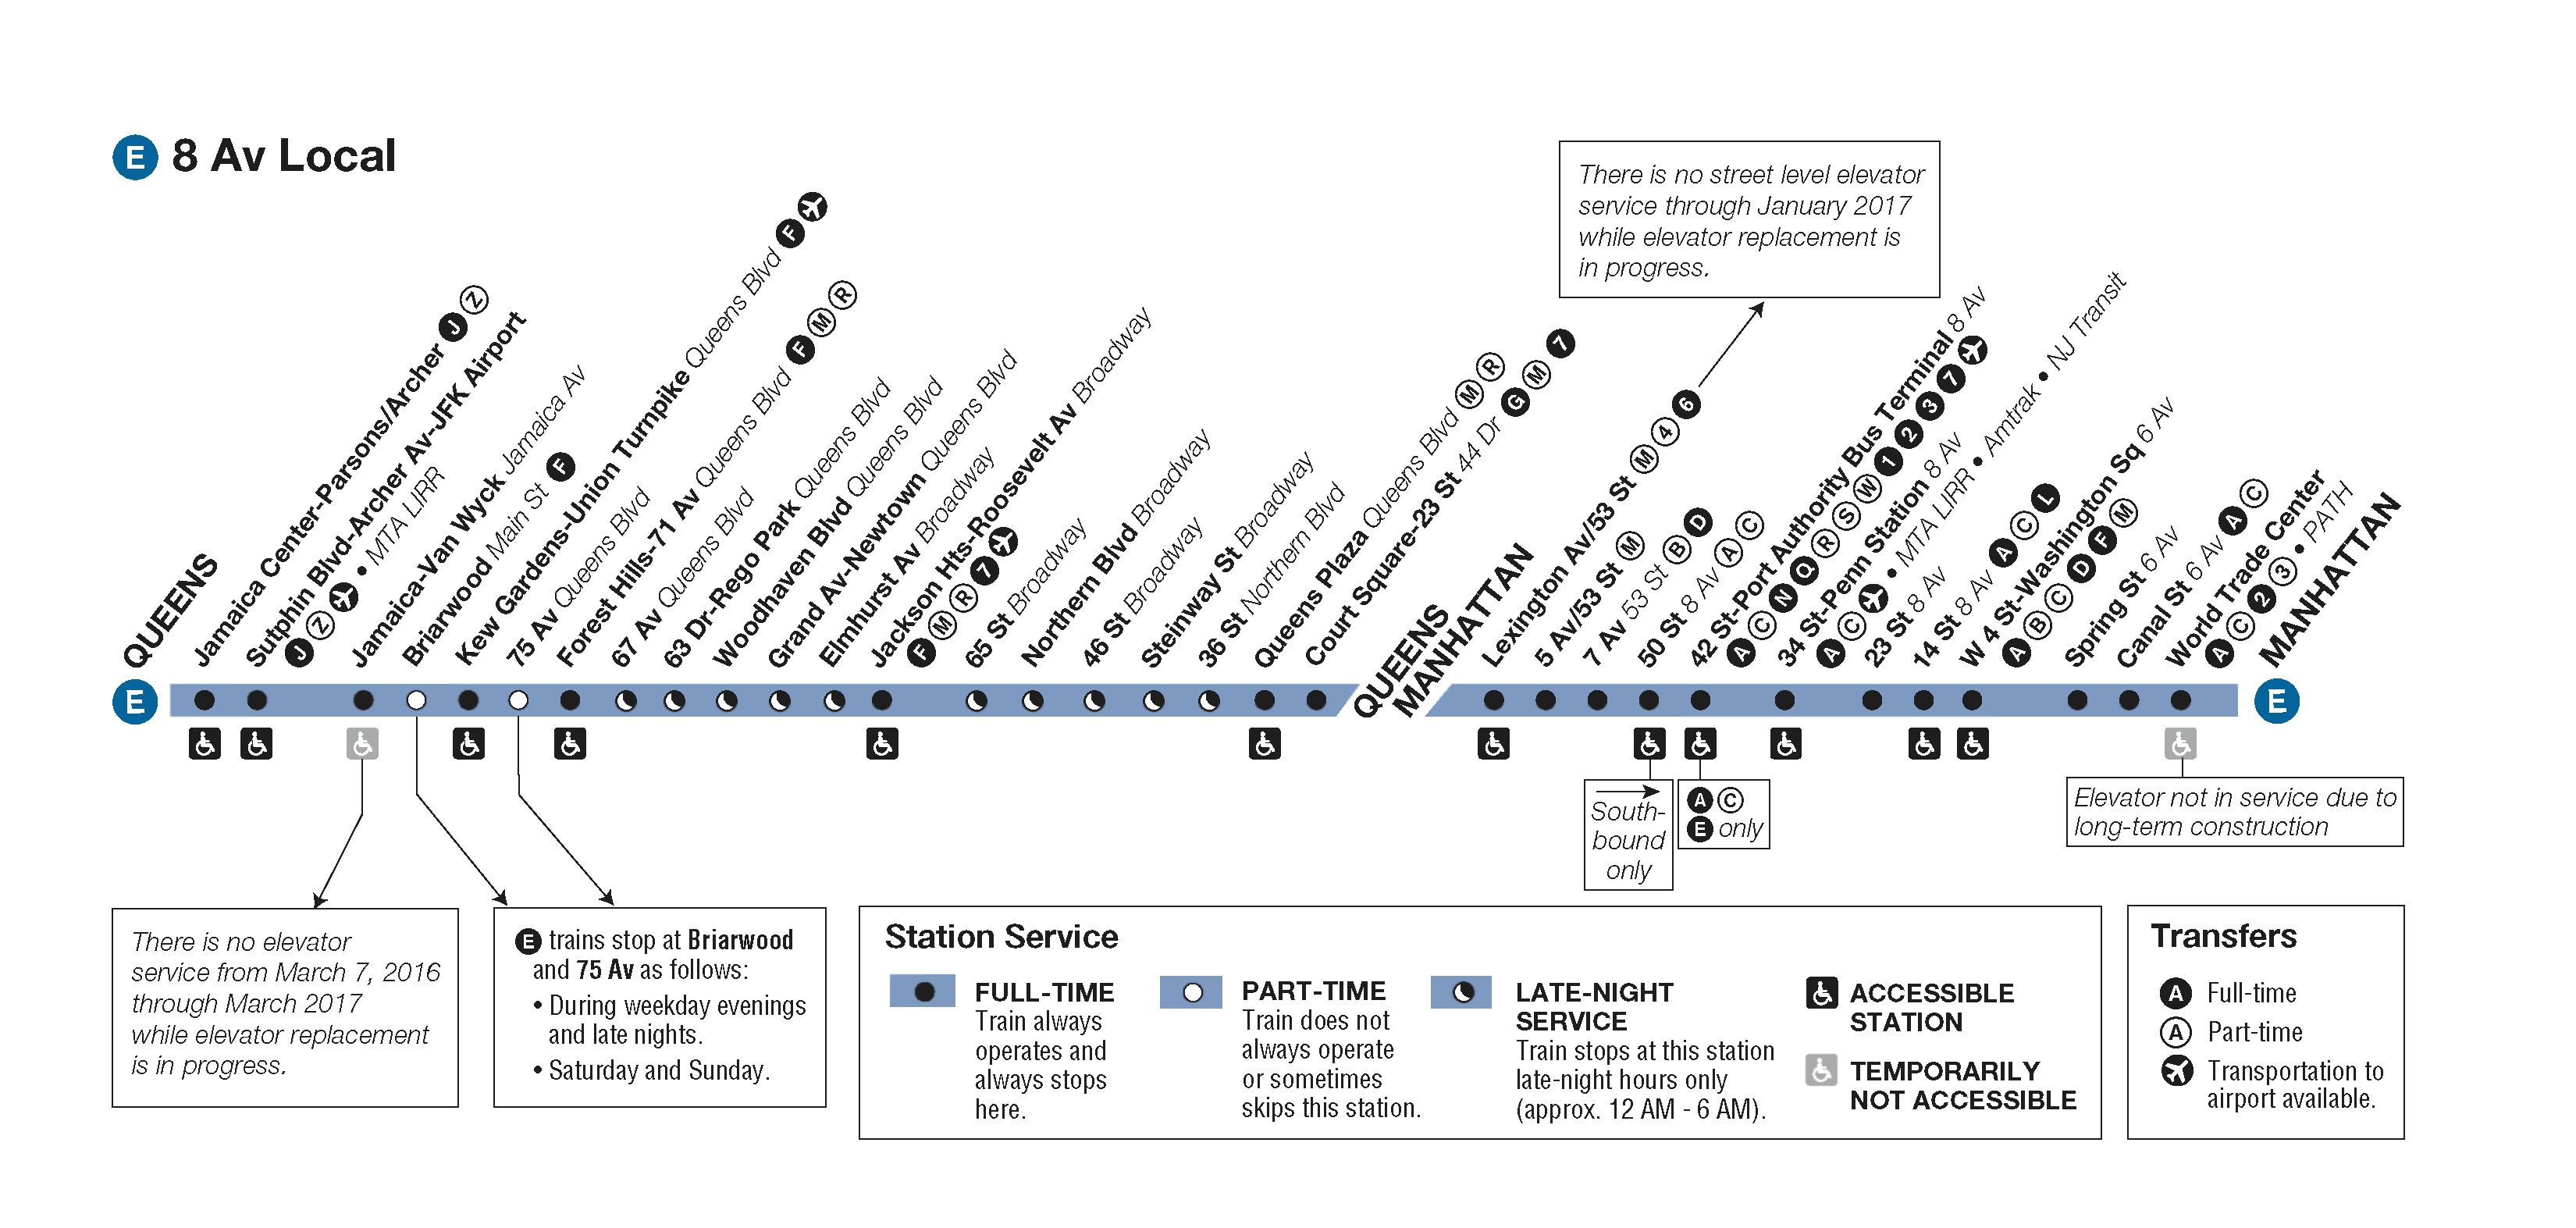 nyc-metro-route-e-8th-avenue-local-map